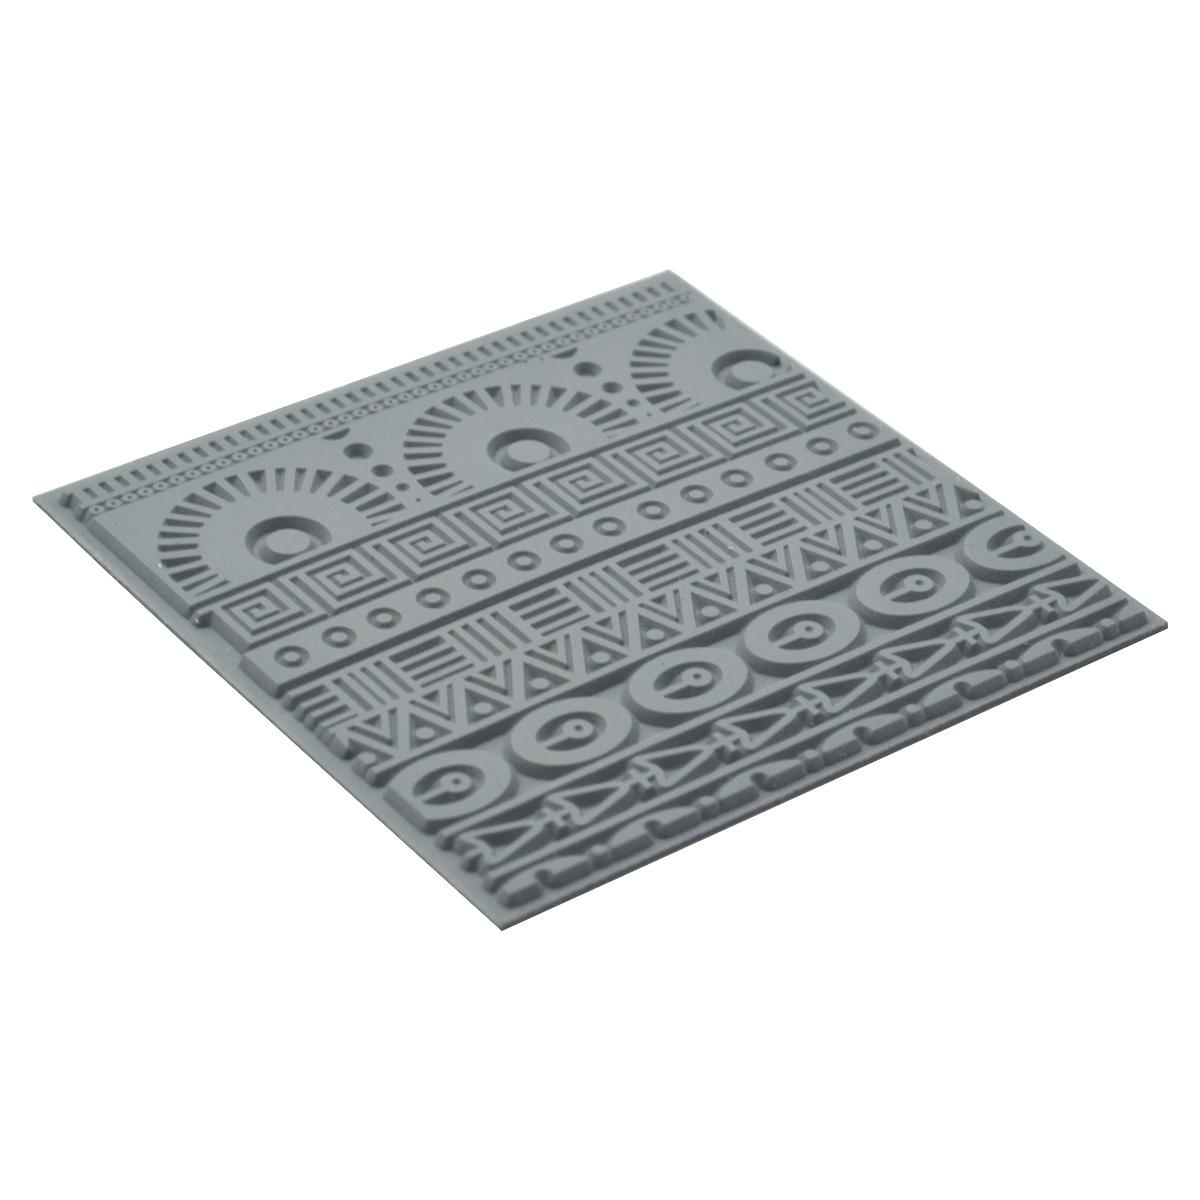 CE95019 Текстура для пластики резиновая 'Геометрия', 9х9 см. Cernit